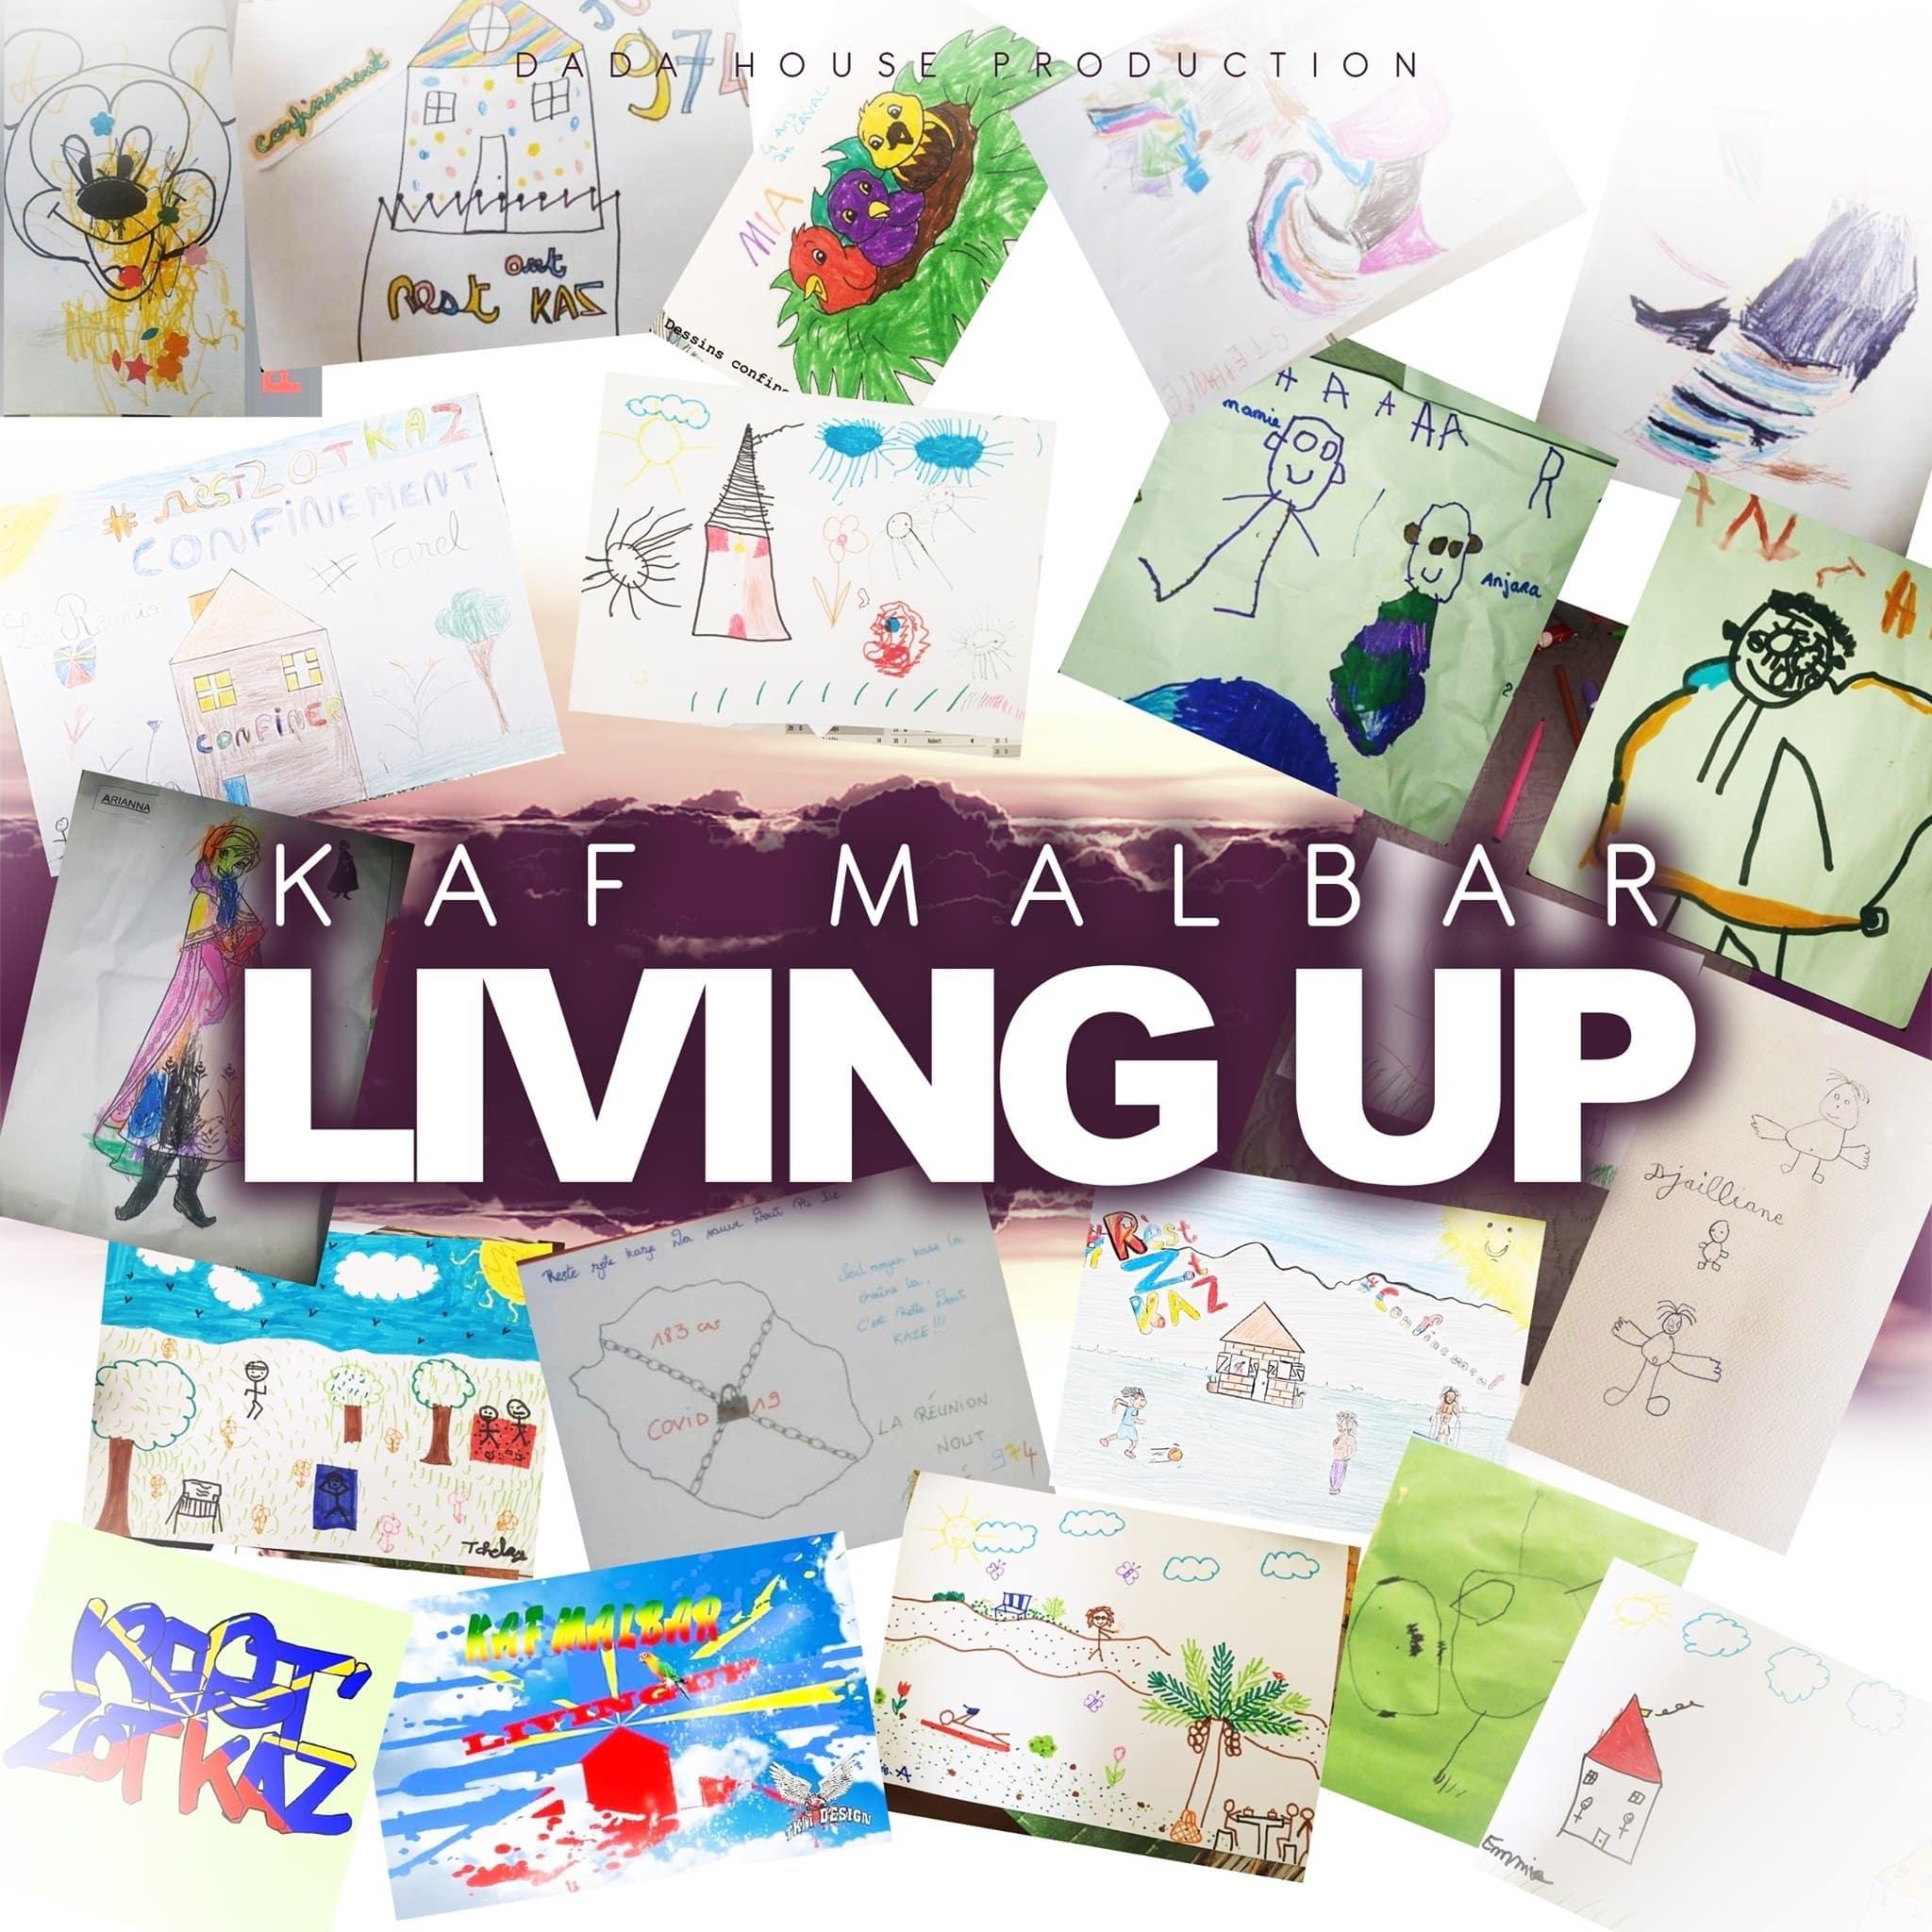 Living Up : le nouveau son très positif de Kaf Malbar